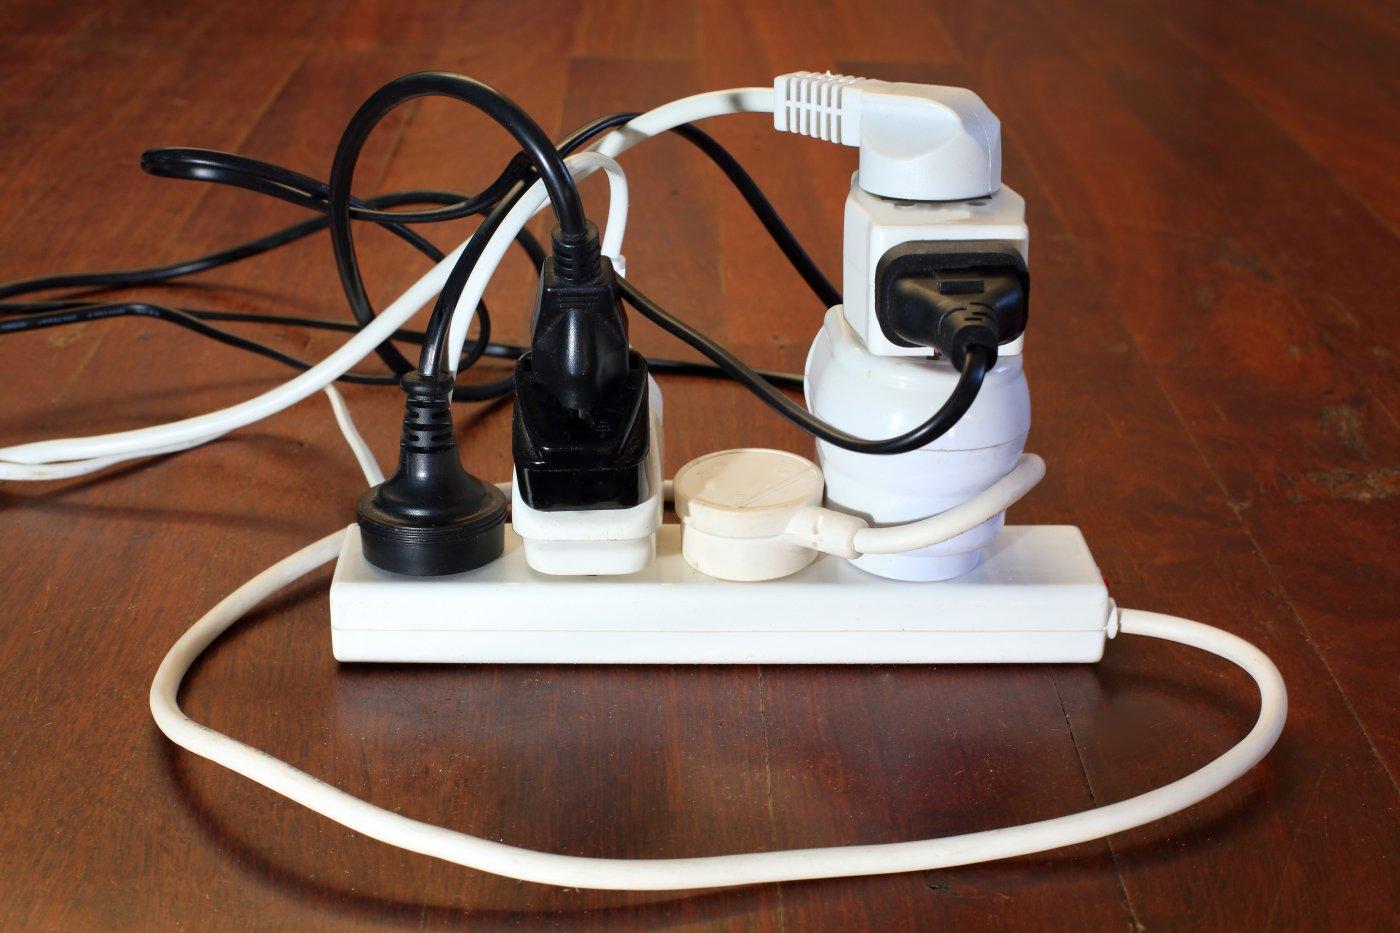 kaos av ledninger og stikkontakter i skjøteledning